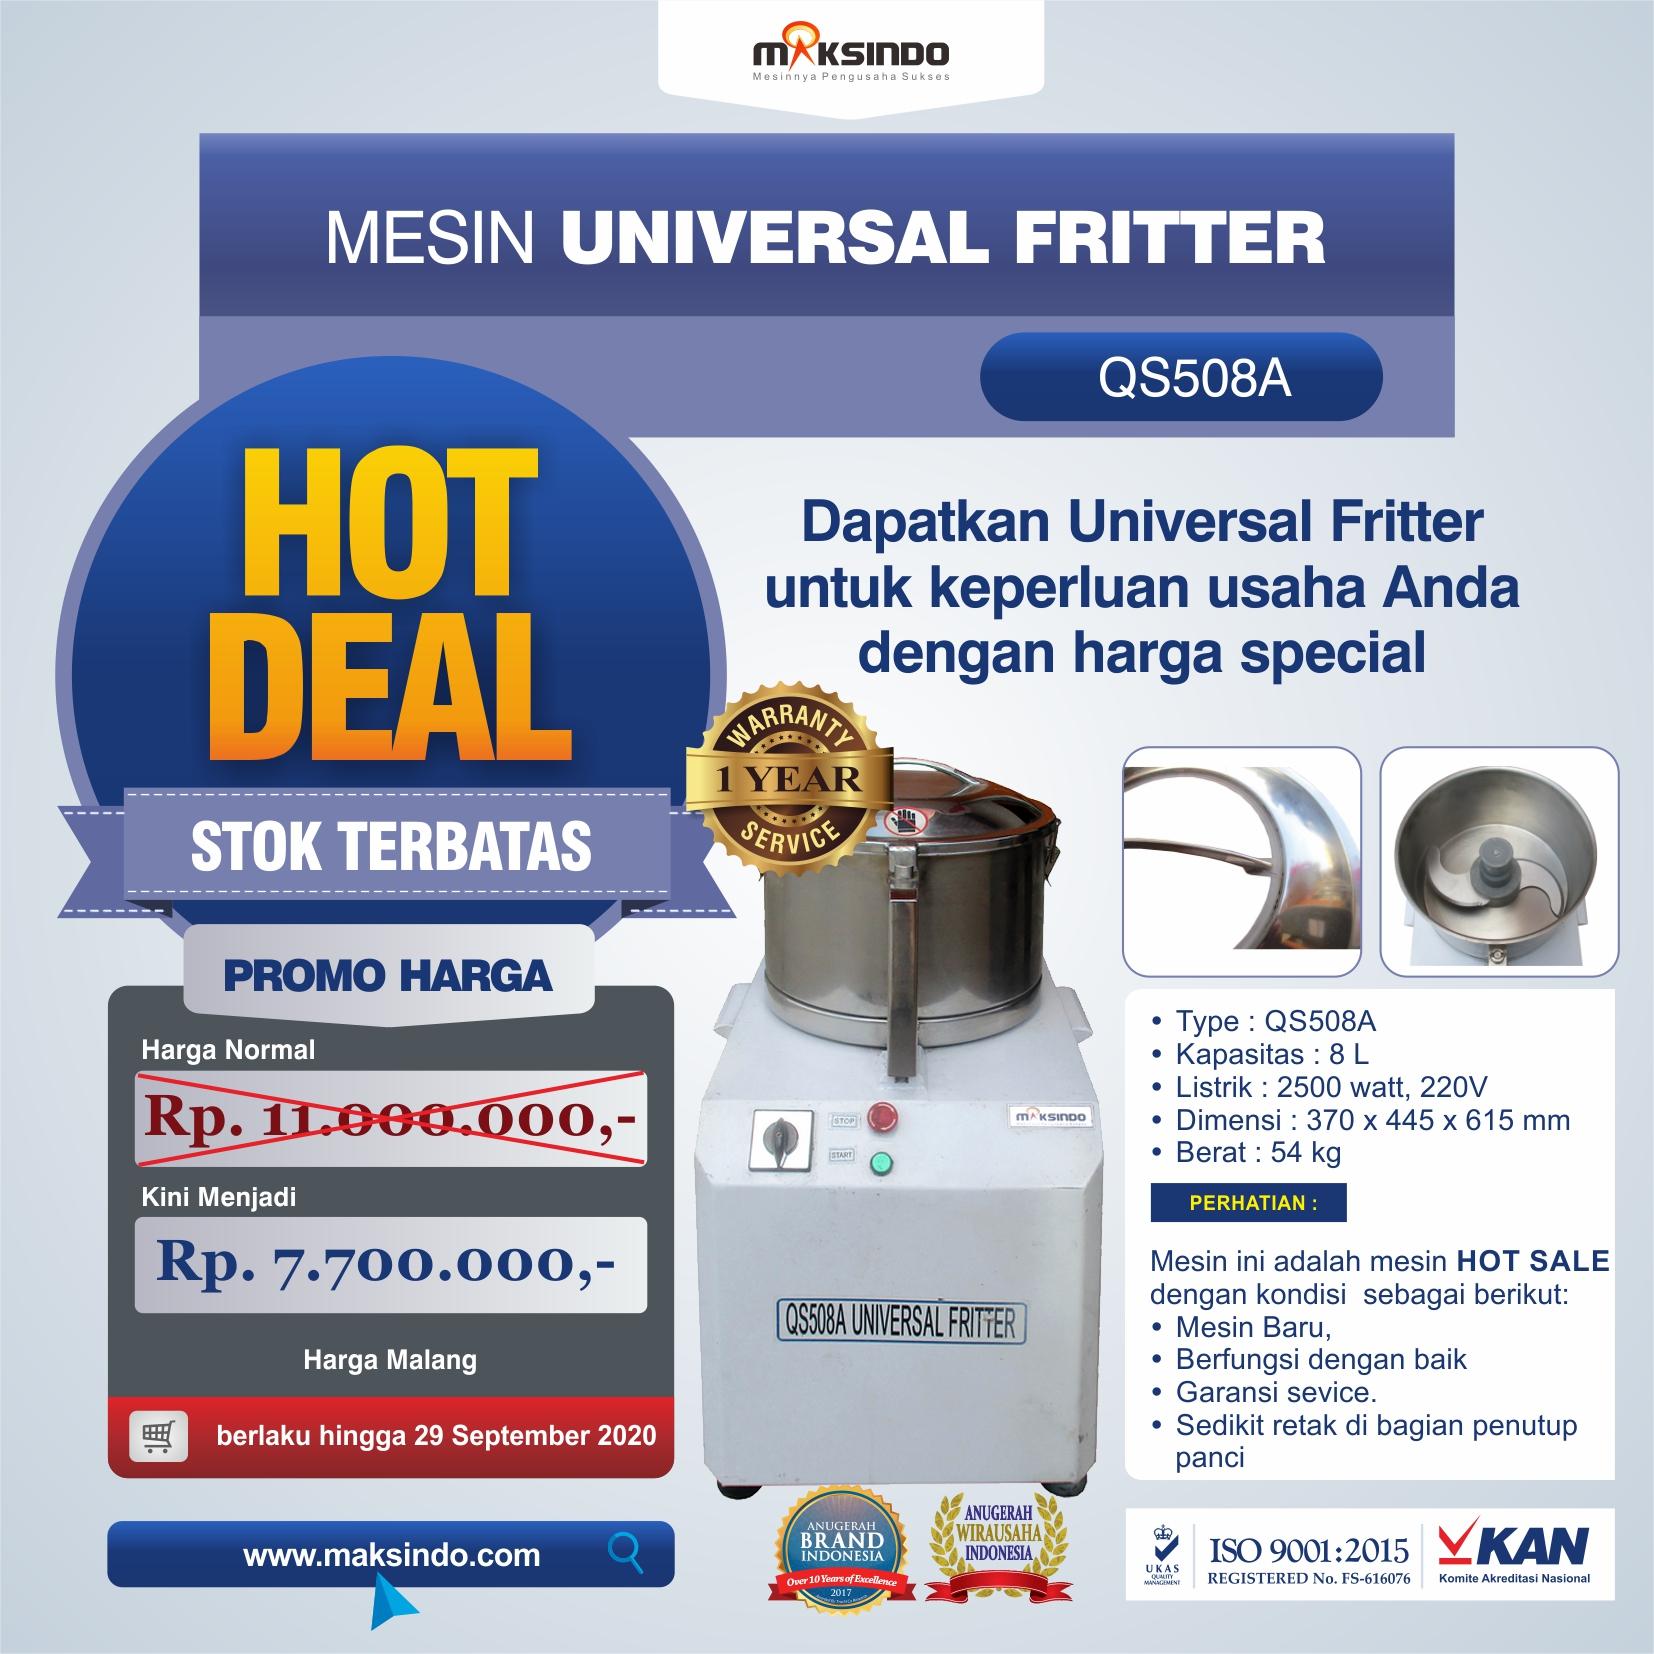 Jual Mesin Universal Fritter QS508A di Mataram